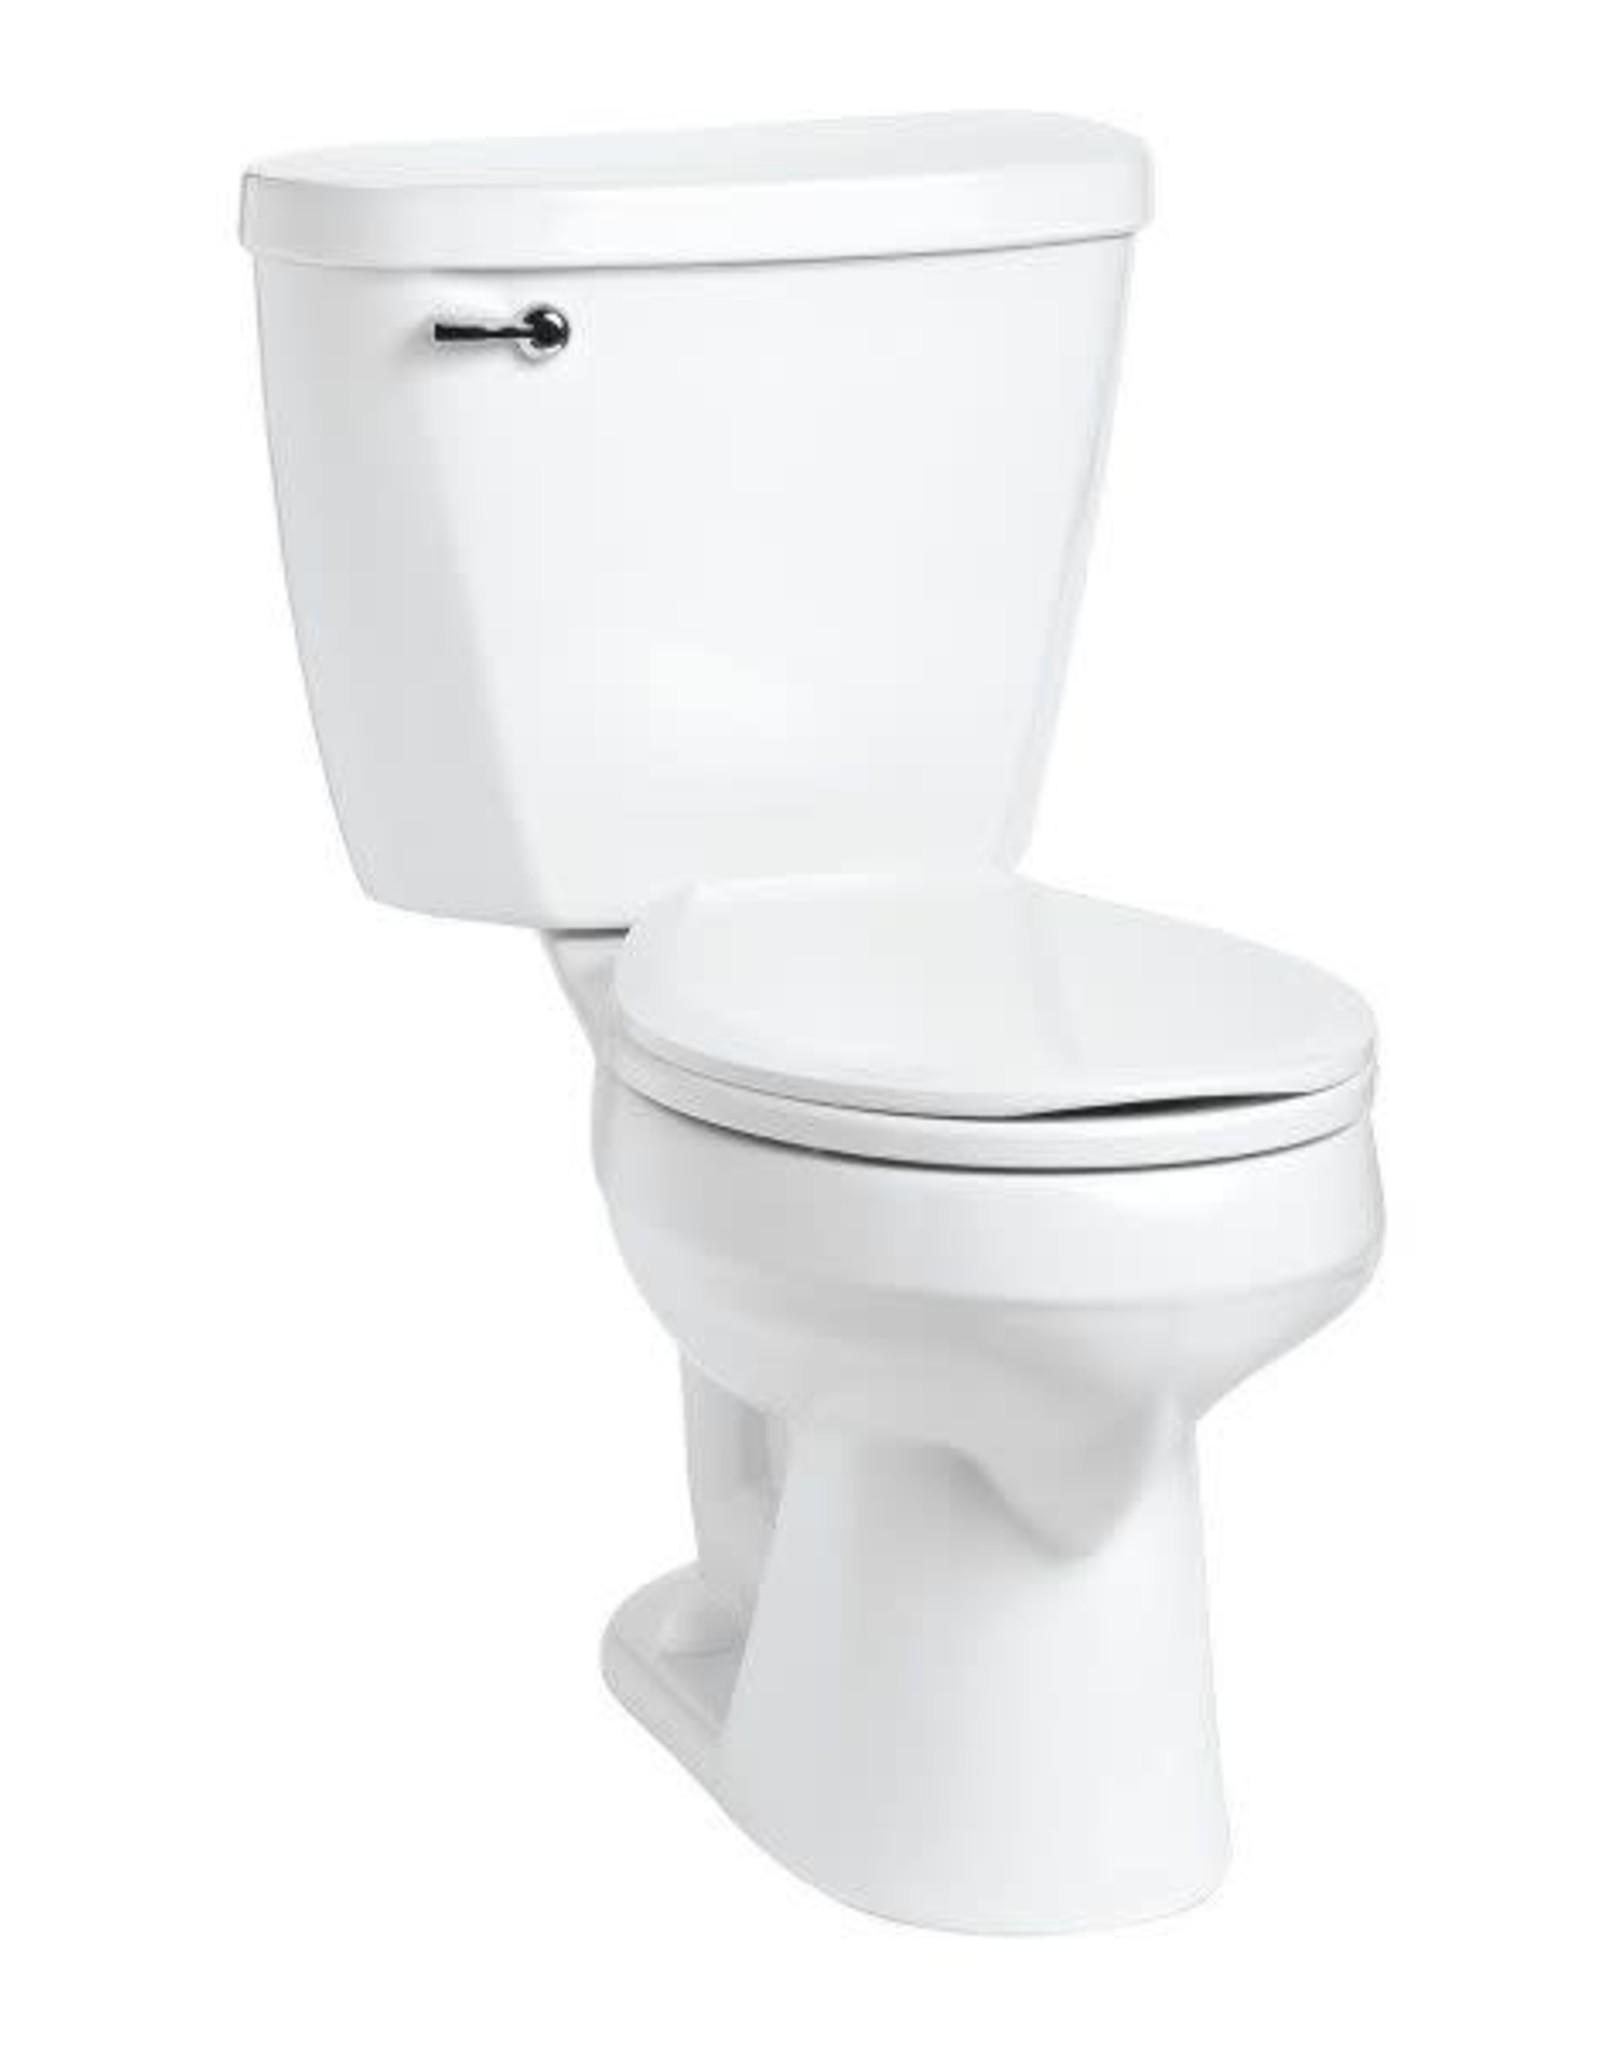 Mansfield Mansfield Summit 1.28 RH Round Toilet- White